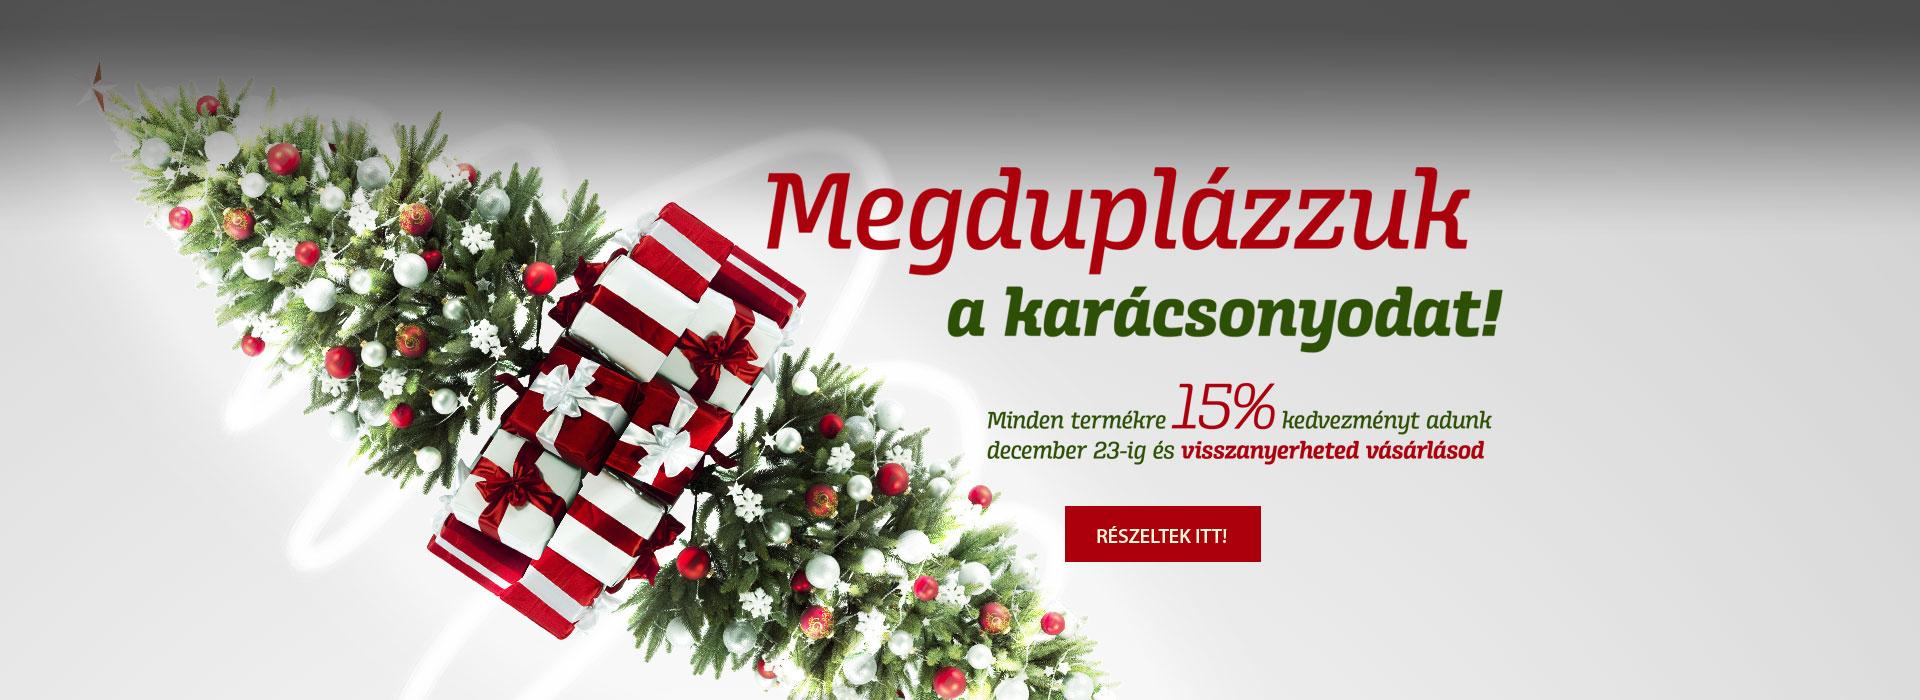 Karácsonyi motoros ajánlatunk